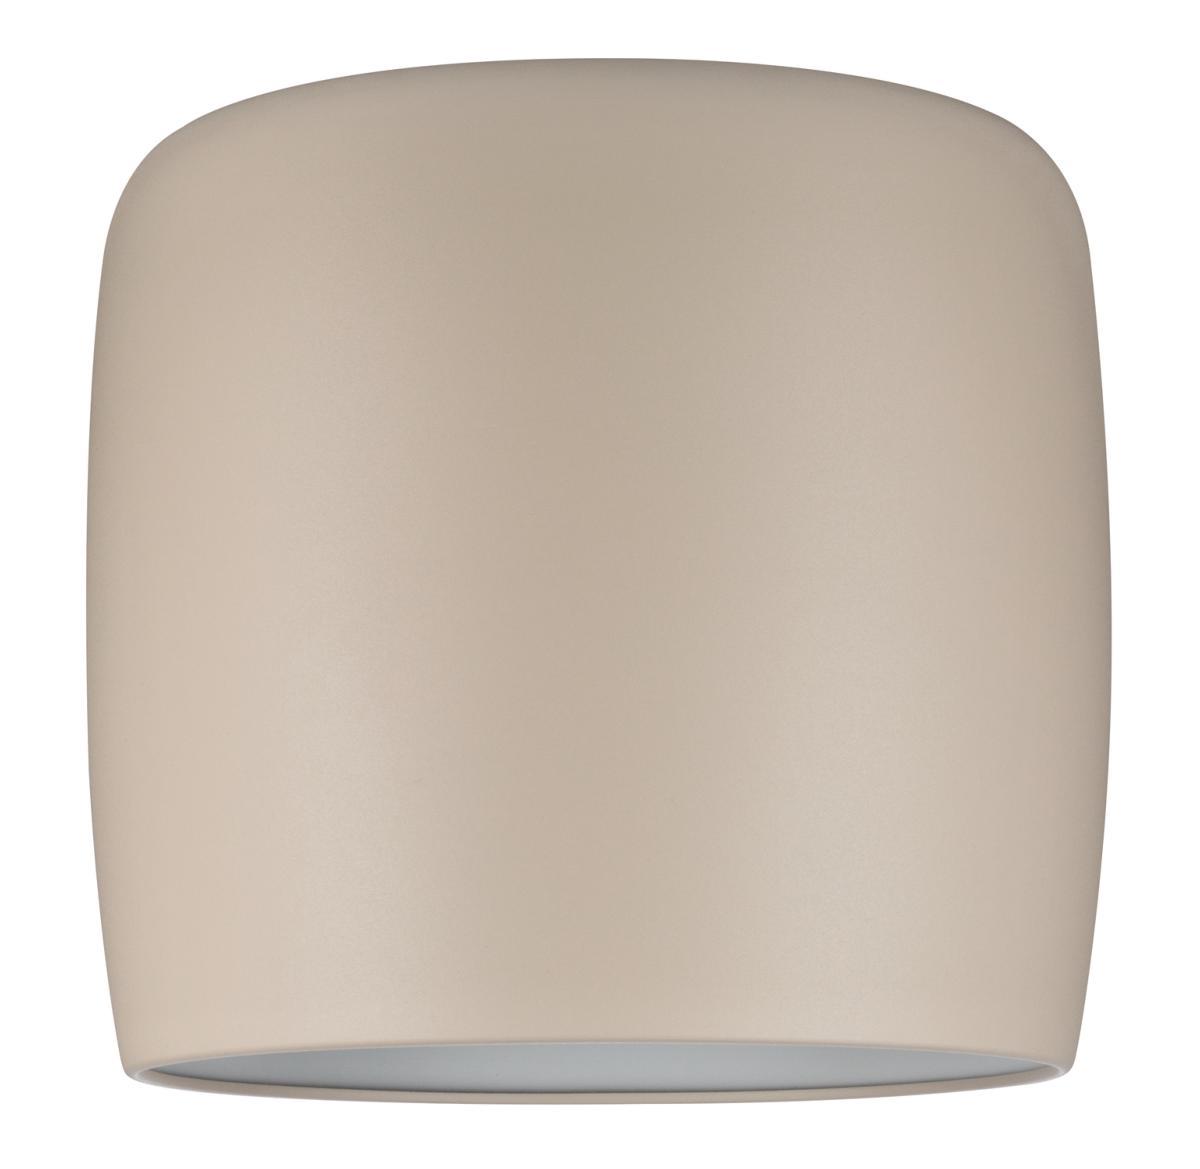 accessoire clairage suspension eclairage sur rail plafond abat jour shade pien paulmann. Black Bedroom Furniture Sets. Home Design Ideas